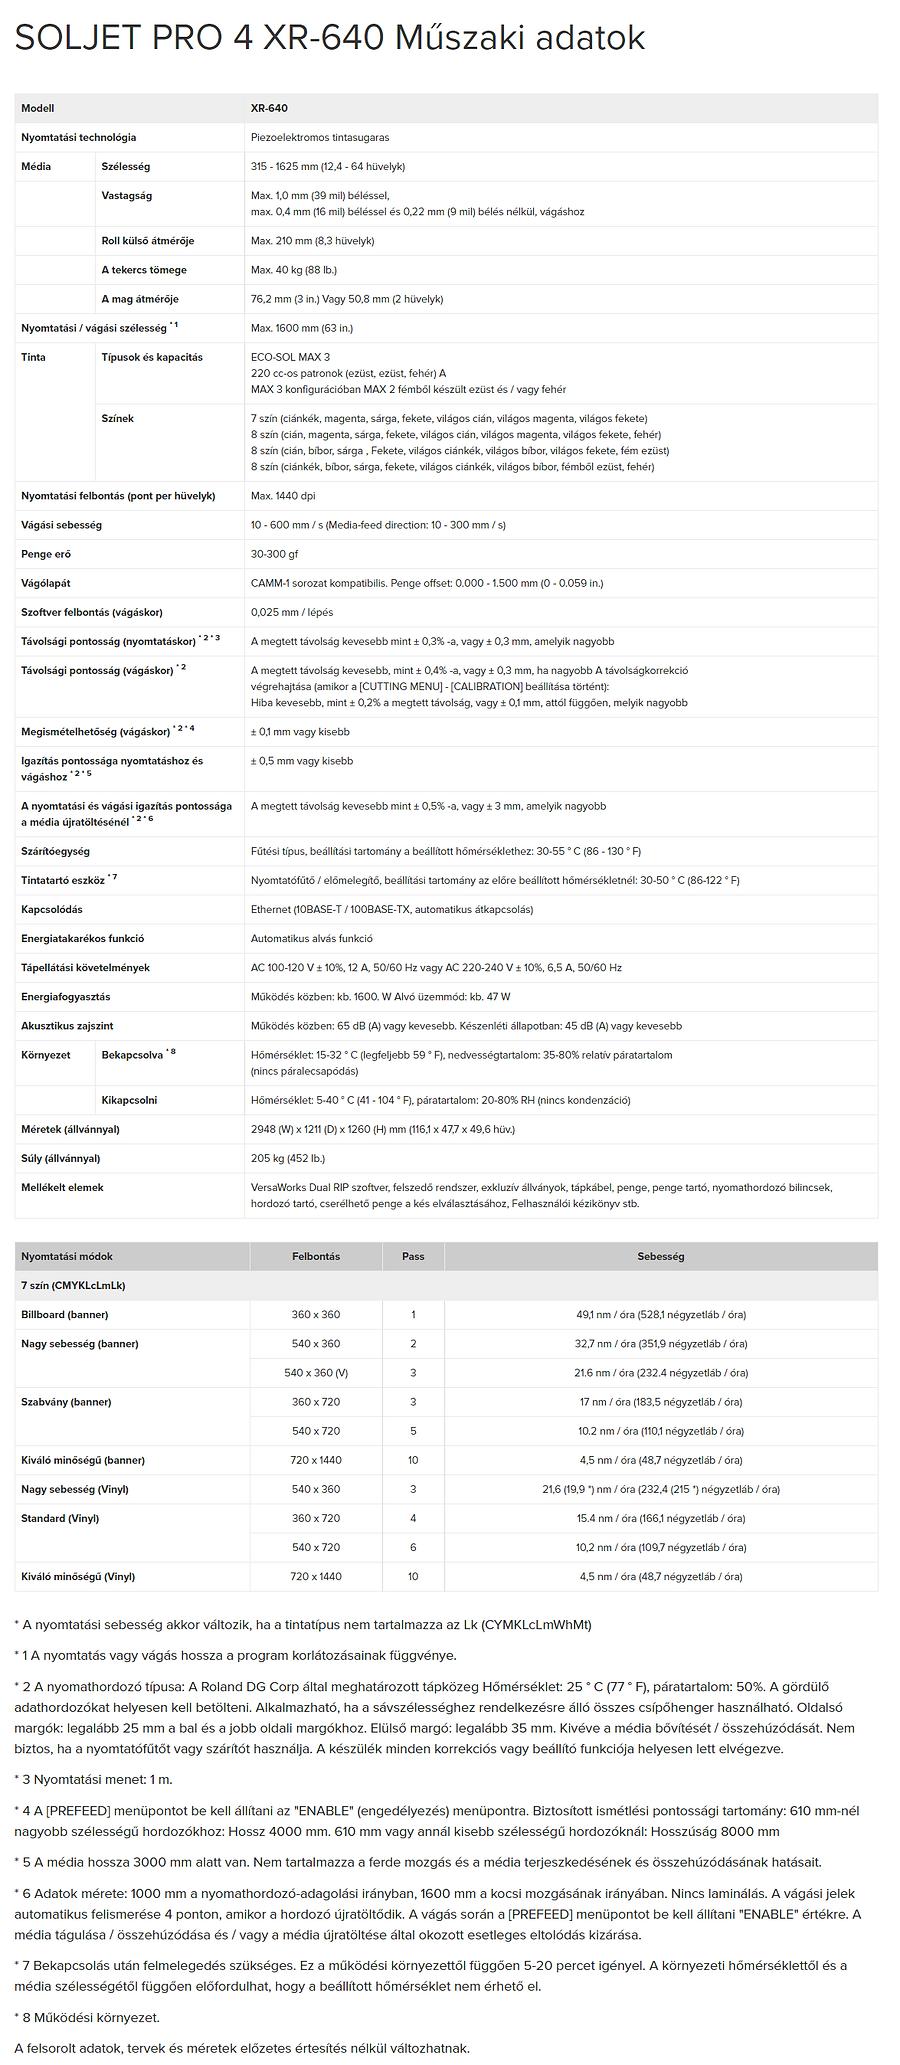 SOLJET_PRO_4_XR-640_Műszaki_adatok_Rolan